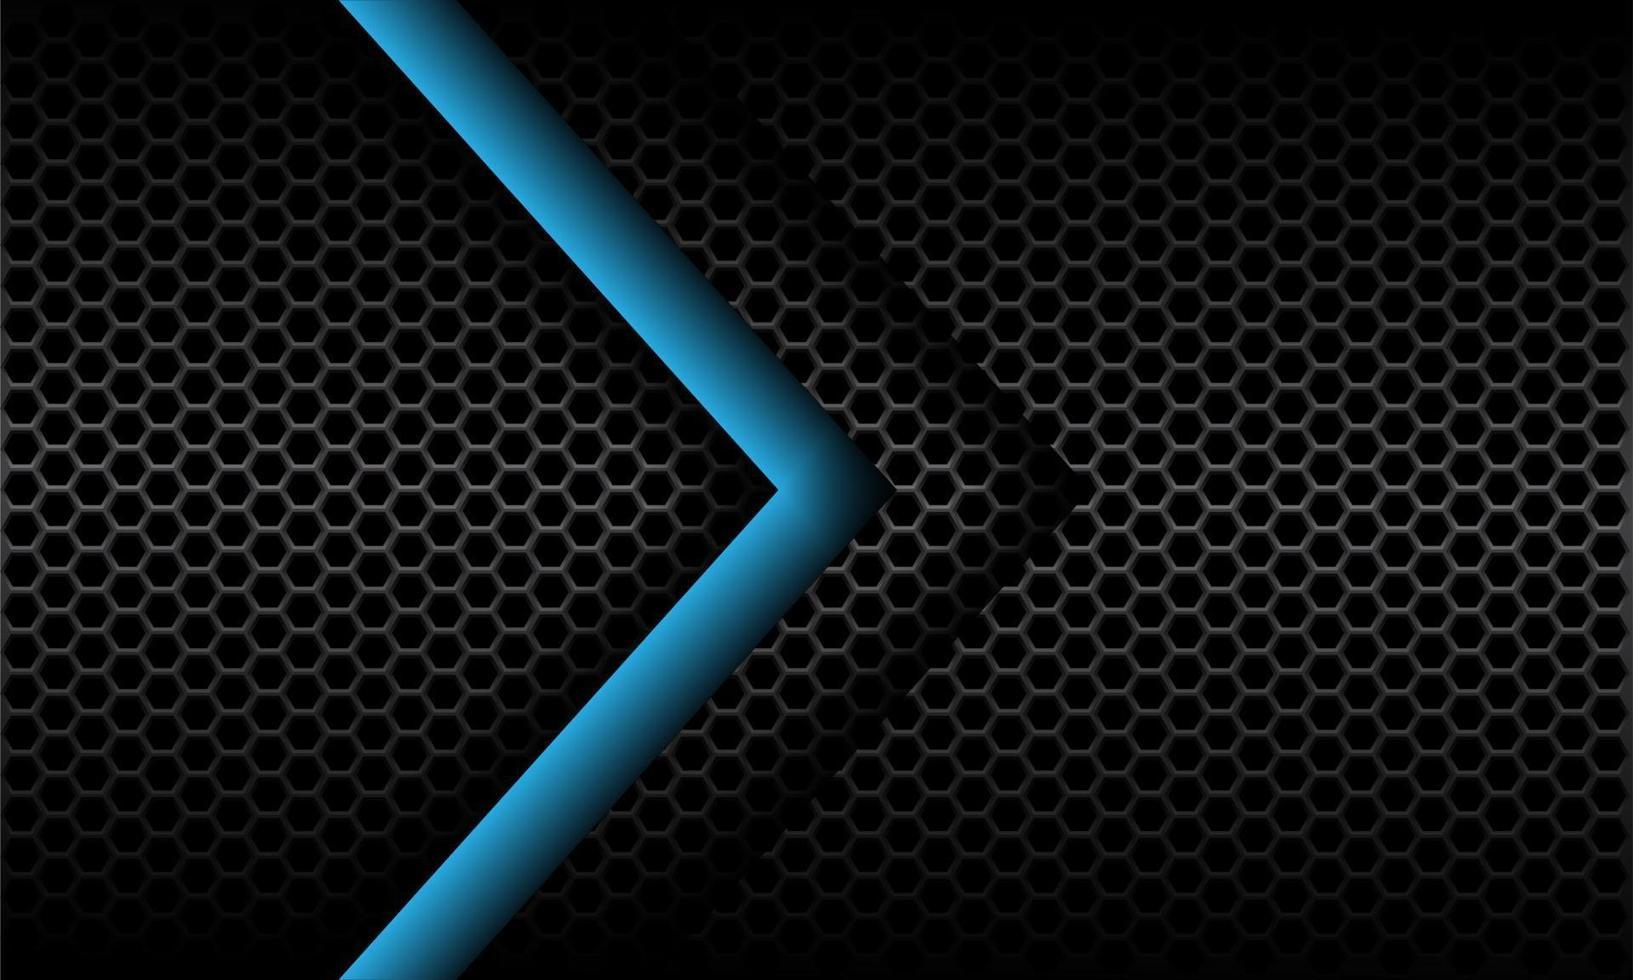 Dirección de la flecha azul abstracta en la ilustración de vector de fondo futurista moderno diseño de patrón de malla hexagonal gris oscuro metálico.